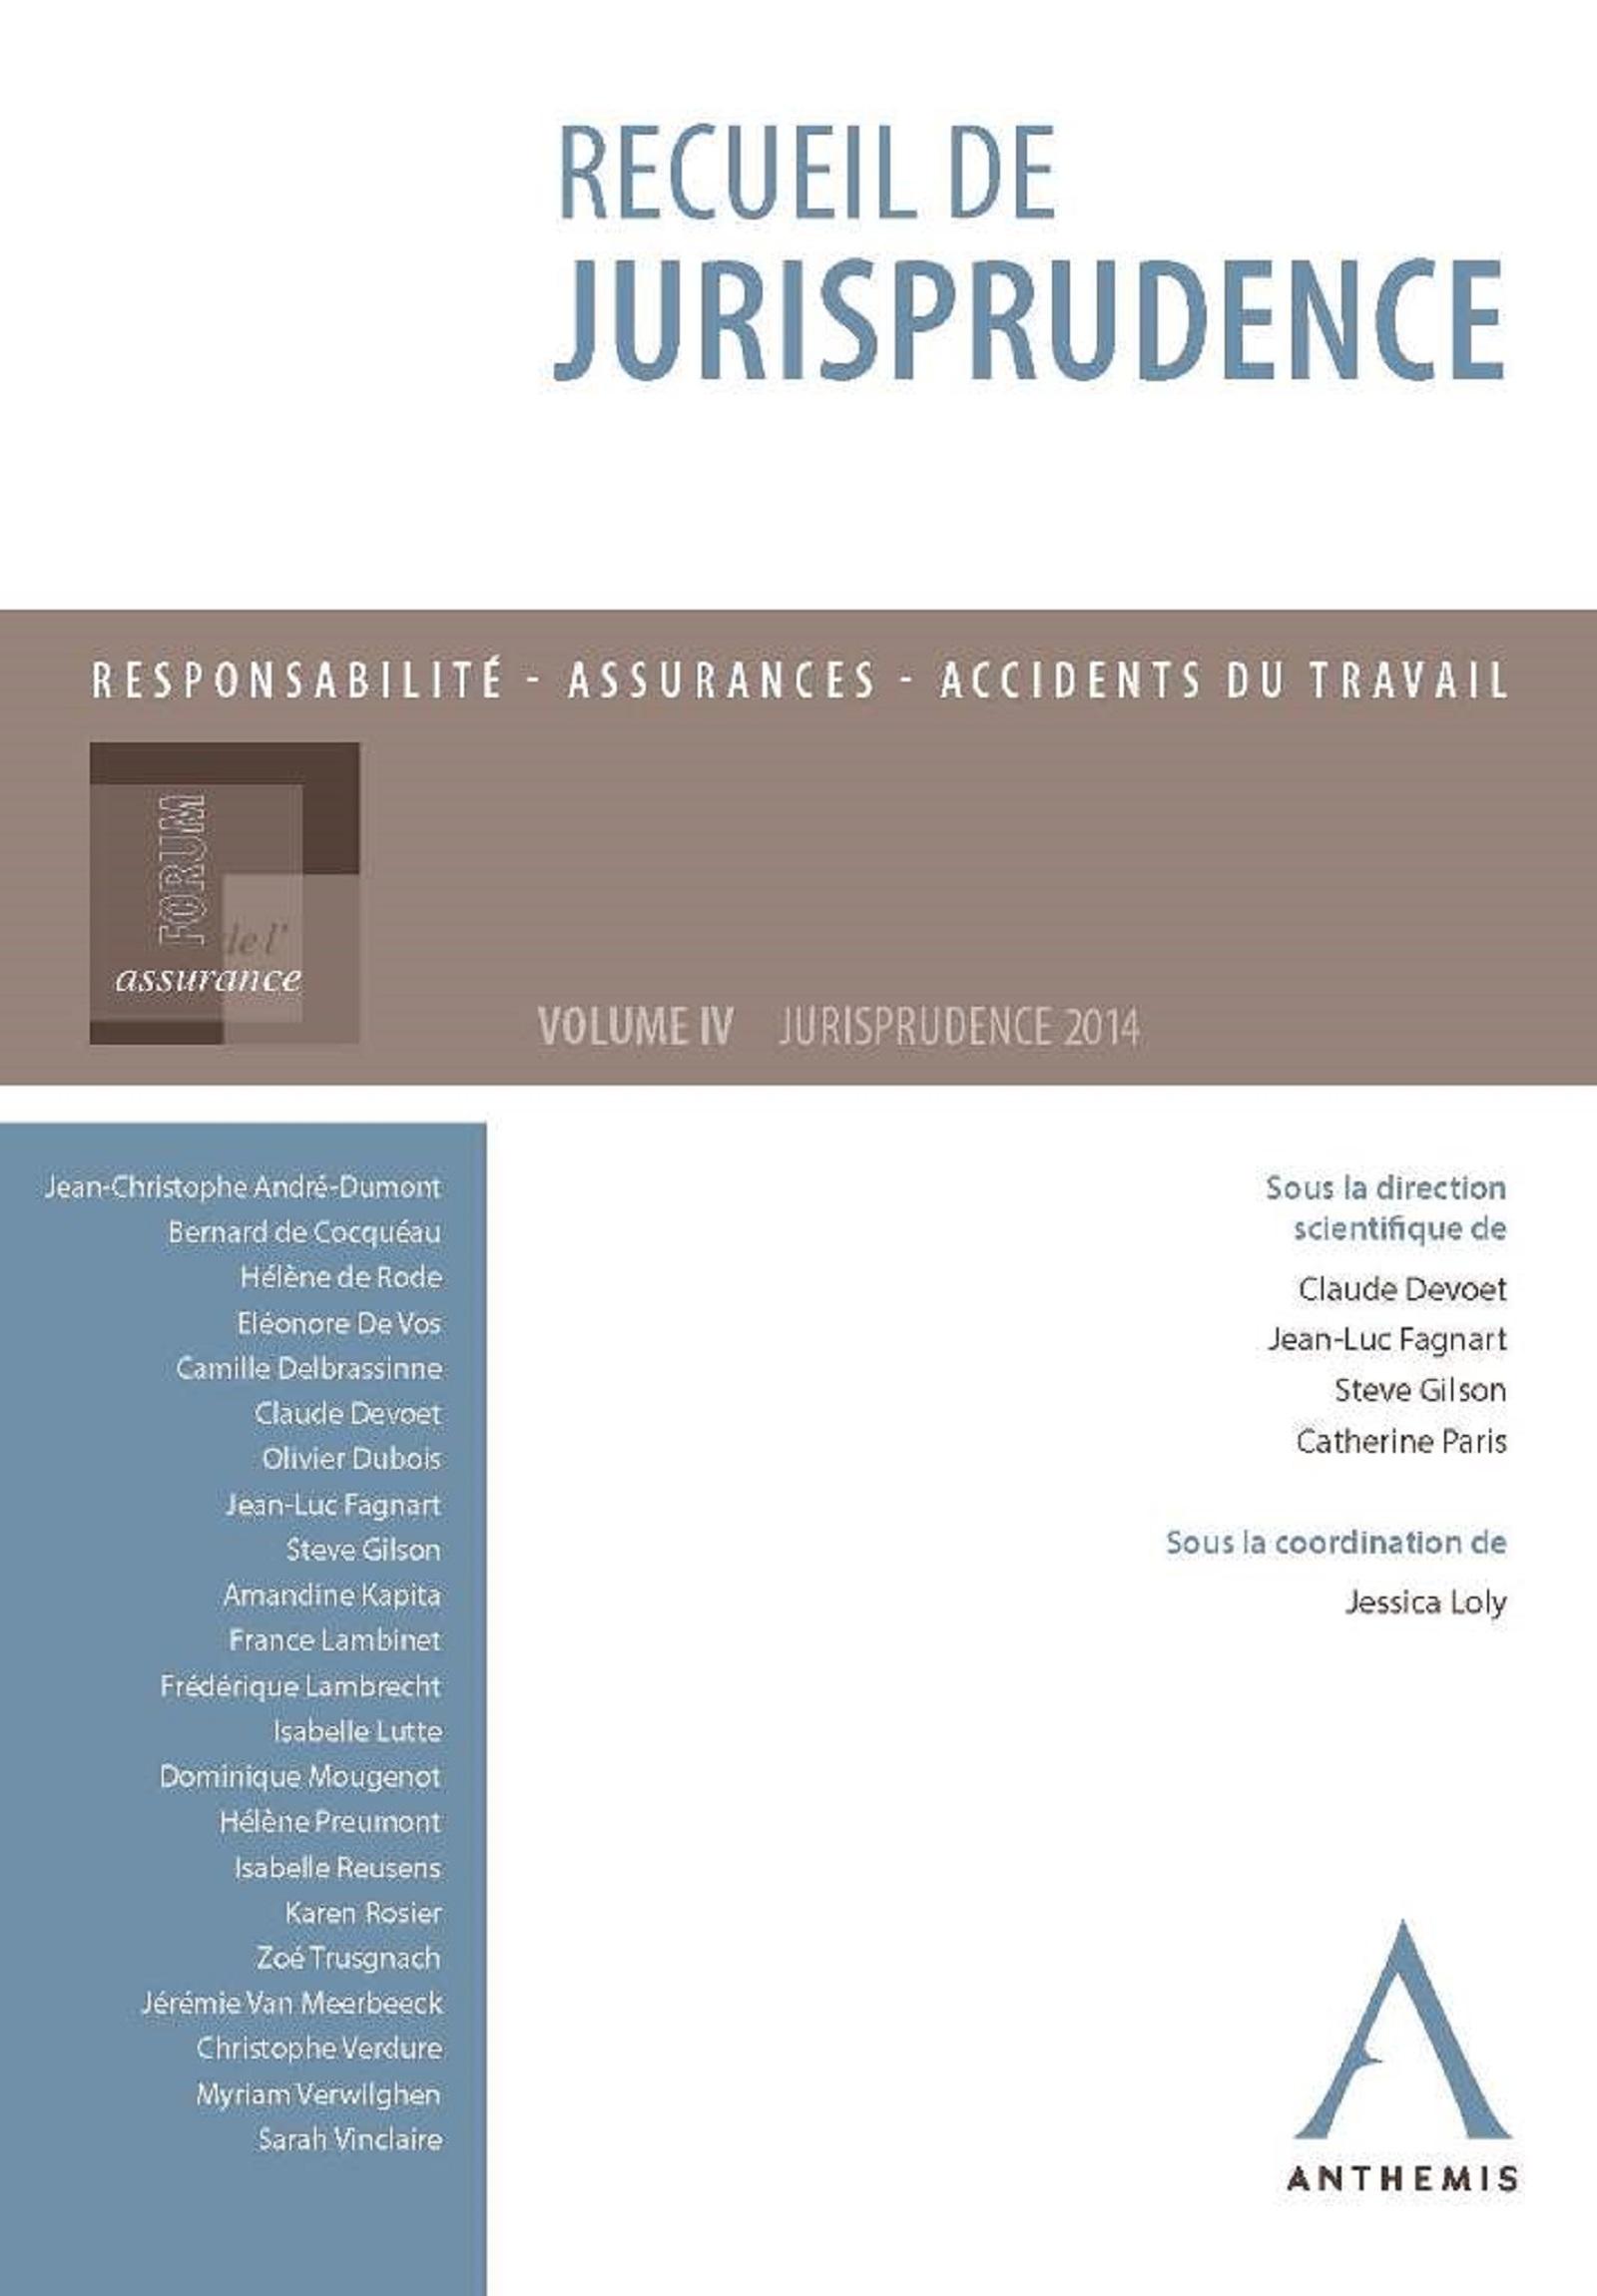 Recueil de jurisprudence du Forum de l'assurance